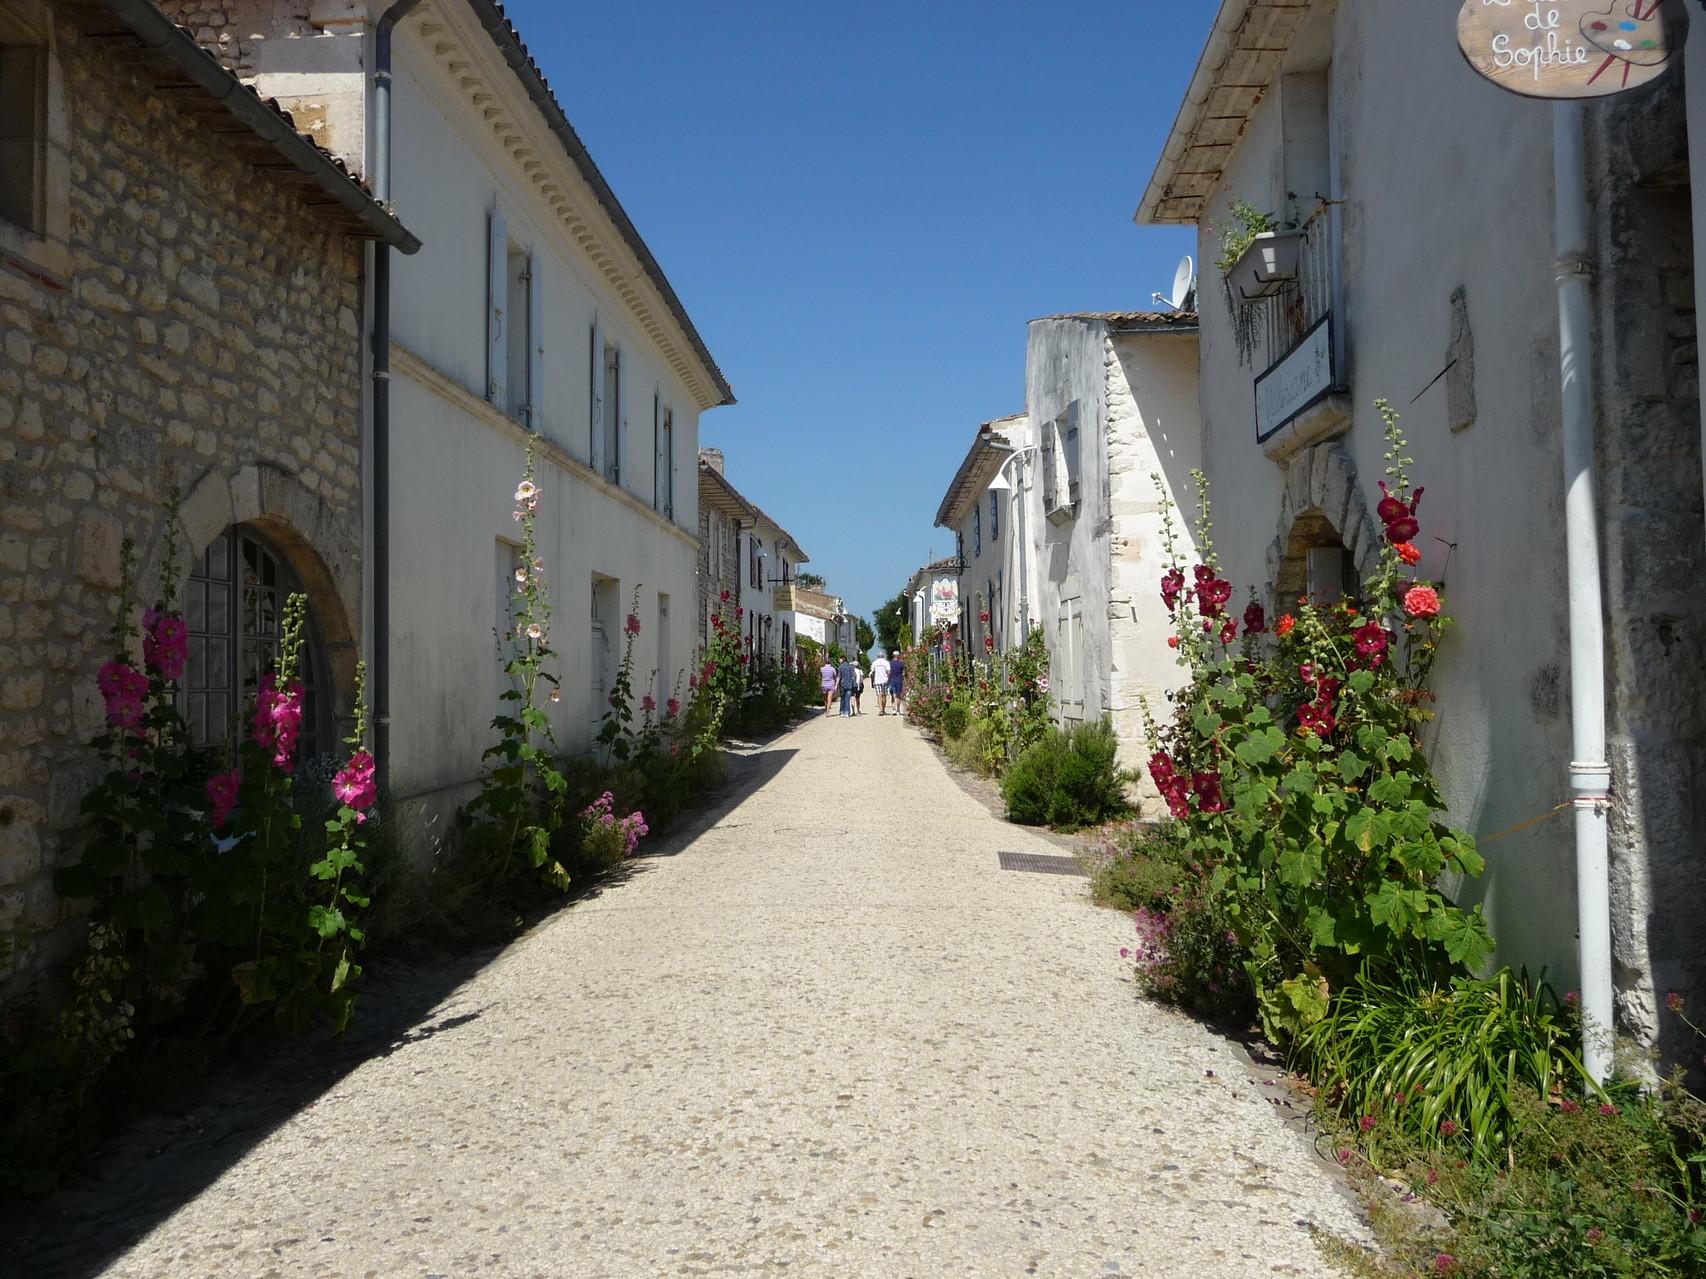 les rues de Talmont sont bordées de roses trémières